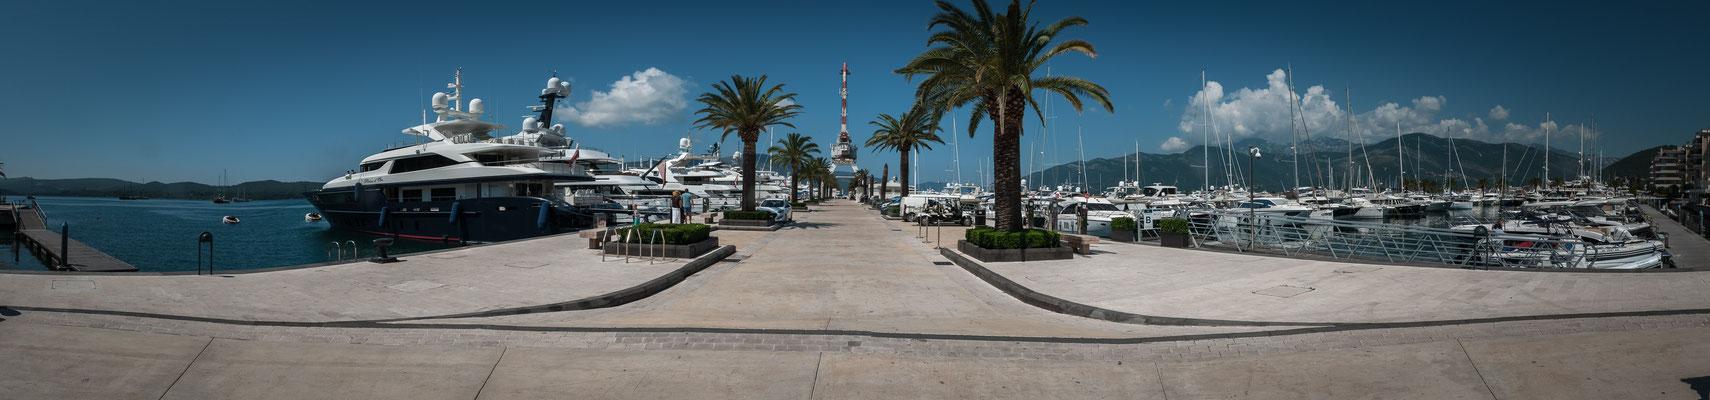 Panorama Blick auf den alten und restaurierten Hafen von Tivat in Montenegro